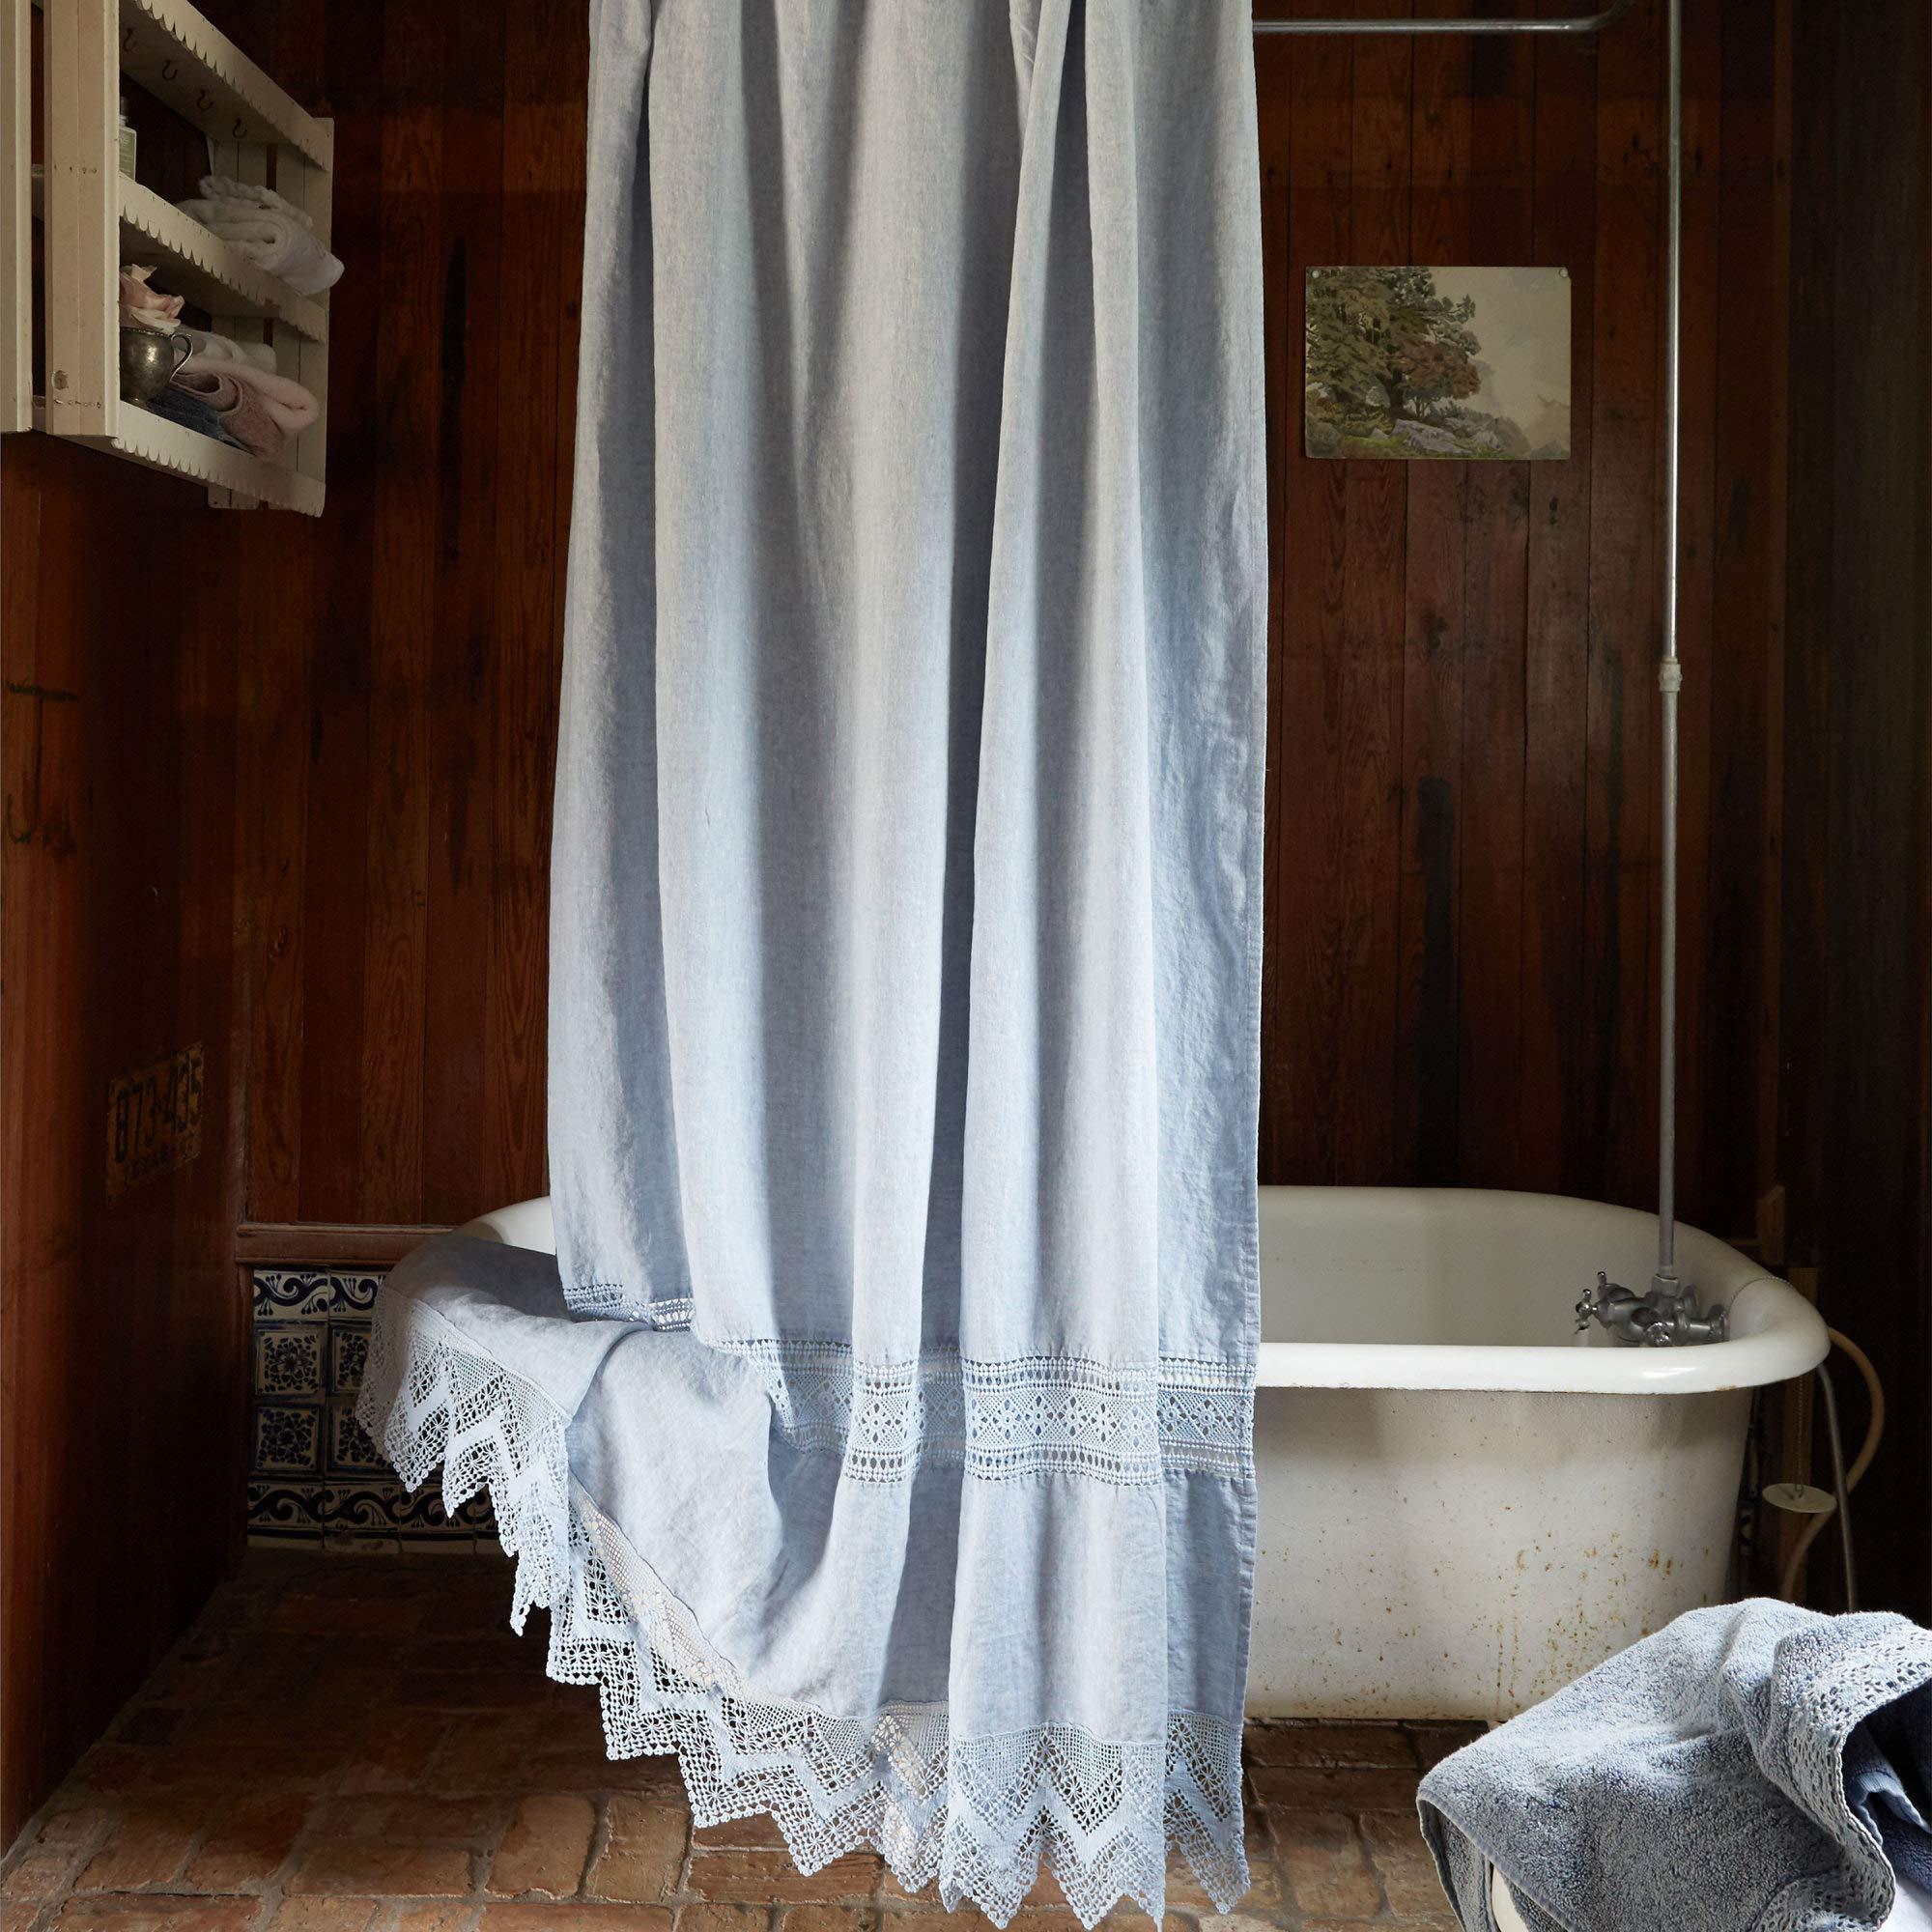 Rachel Ashwell Cluny Lace Shower Curtain 74'' W x 72'' L Indigo